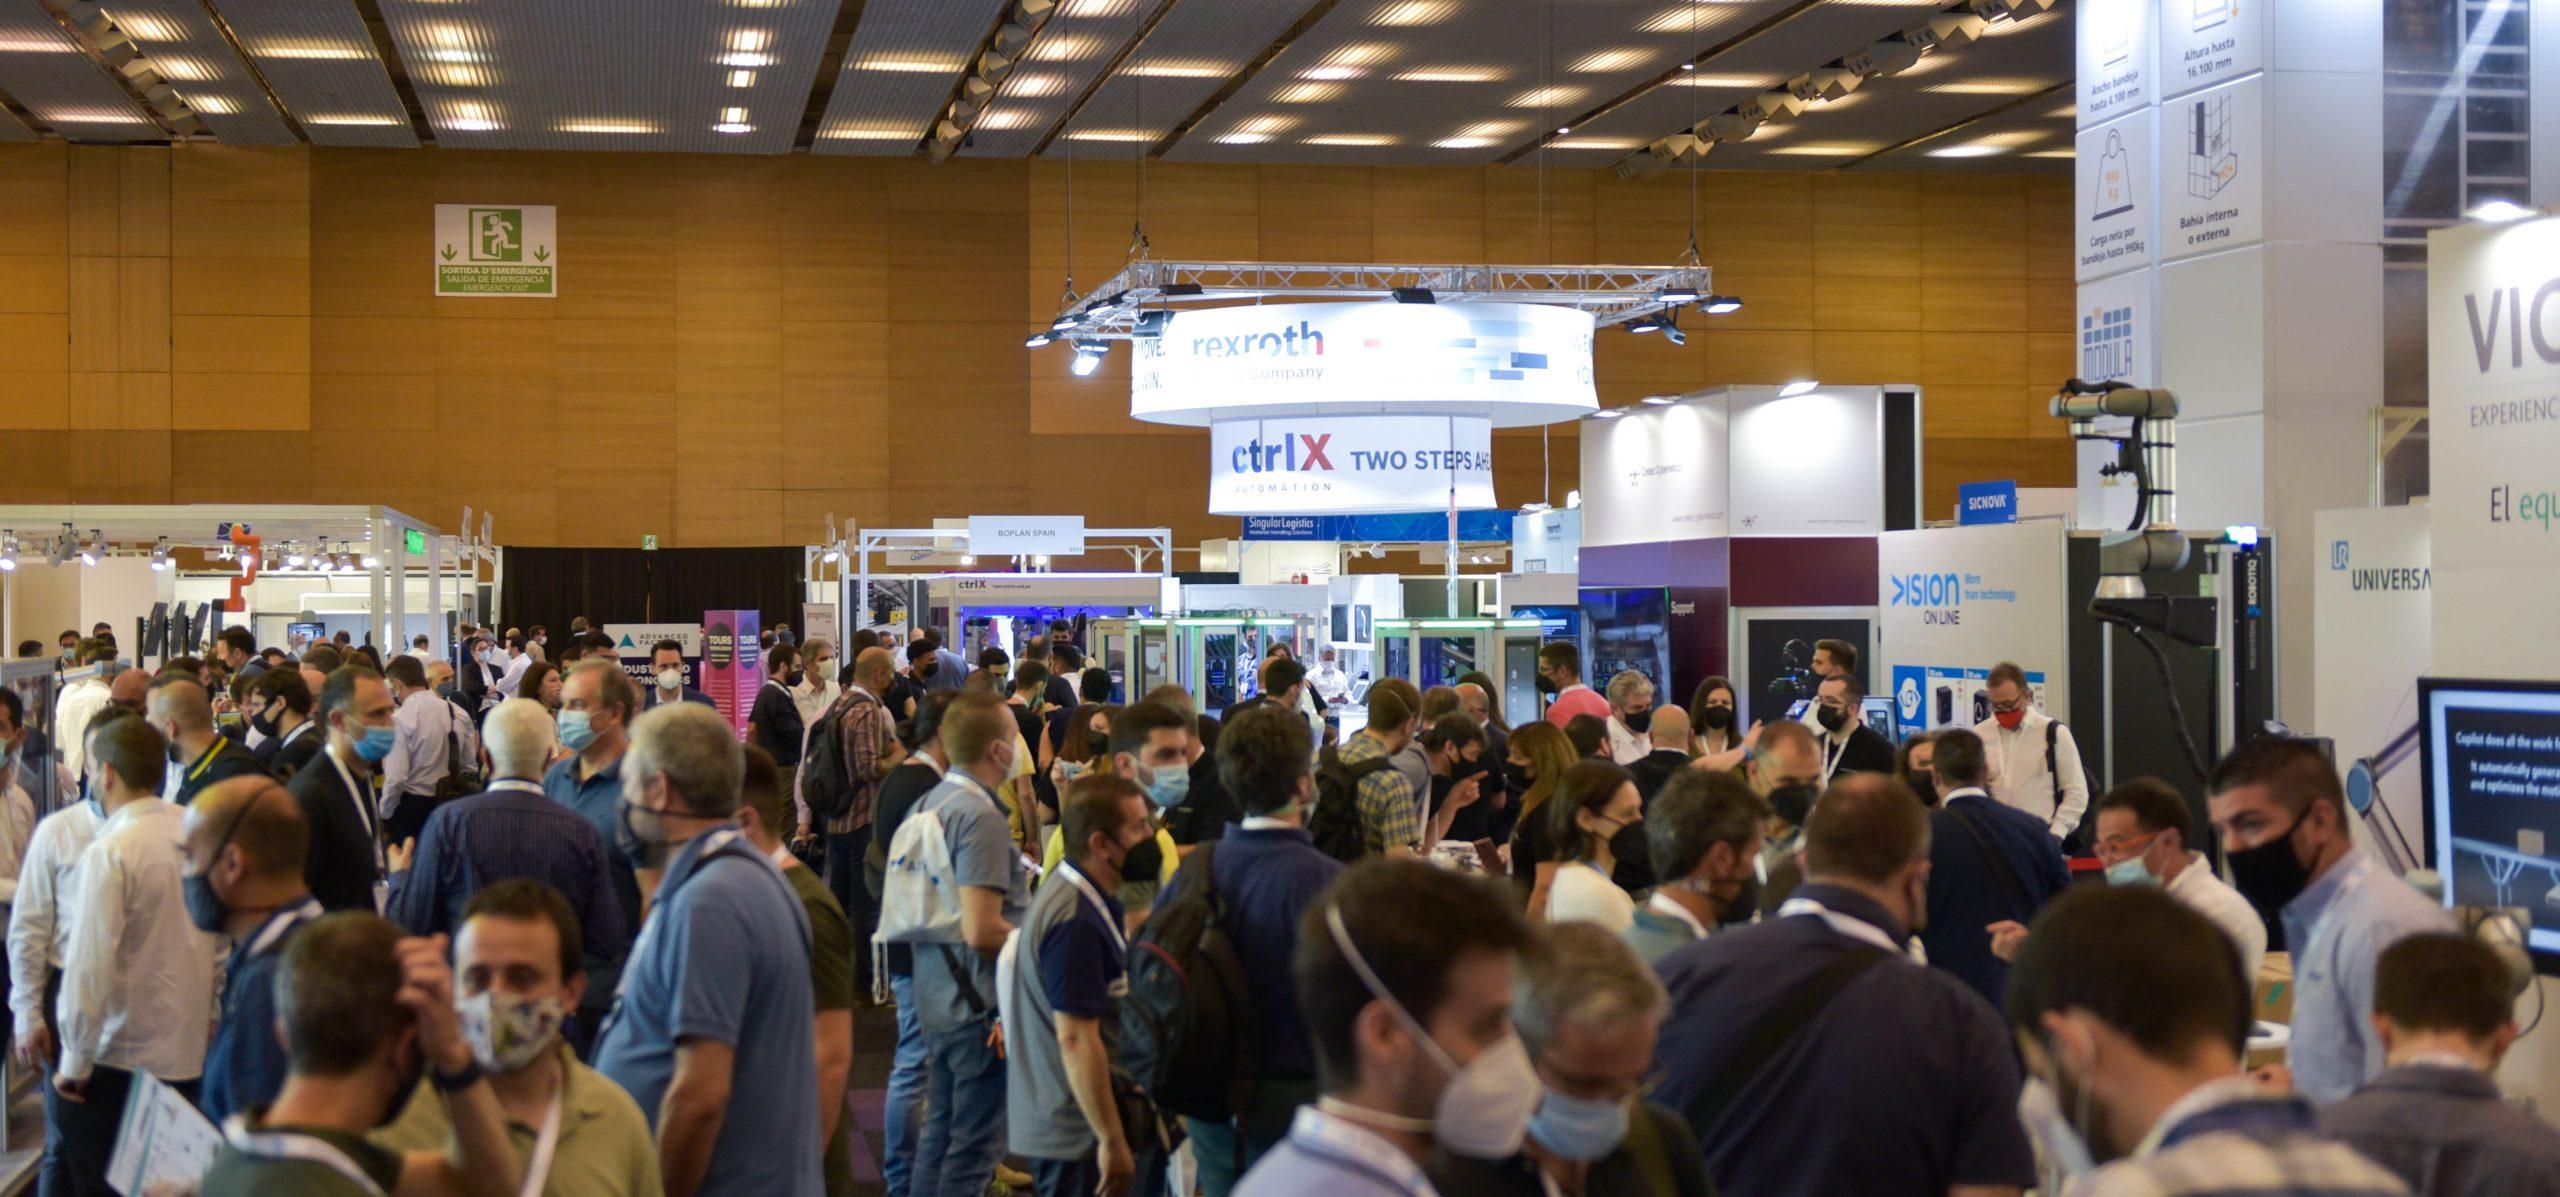 Bilbao reúne a sus primeros 5.000 congresistas que dejarán un impacto económico de 9 millones de euros